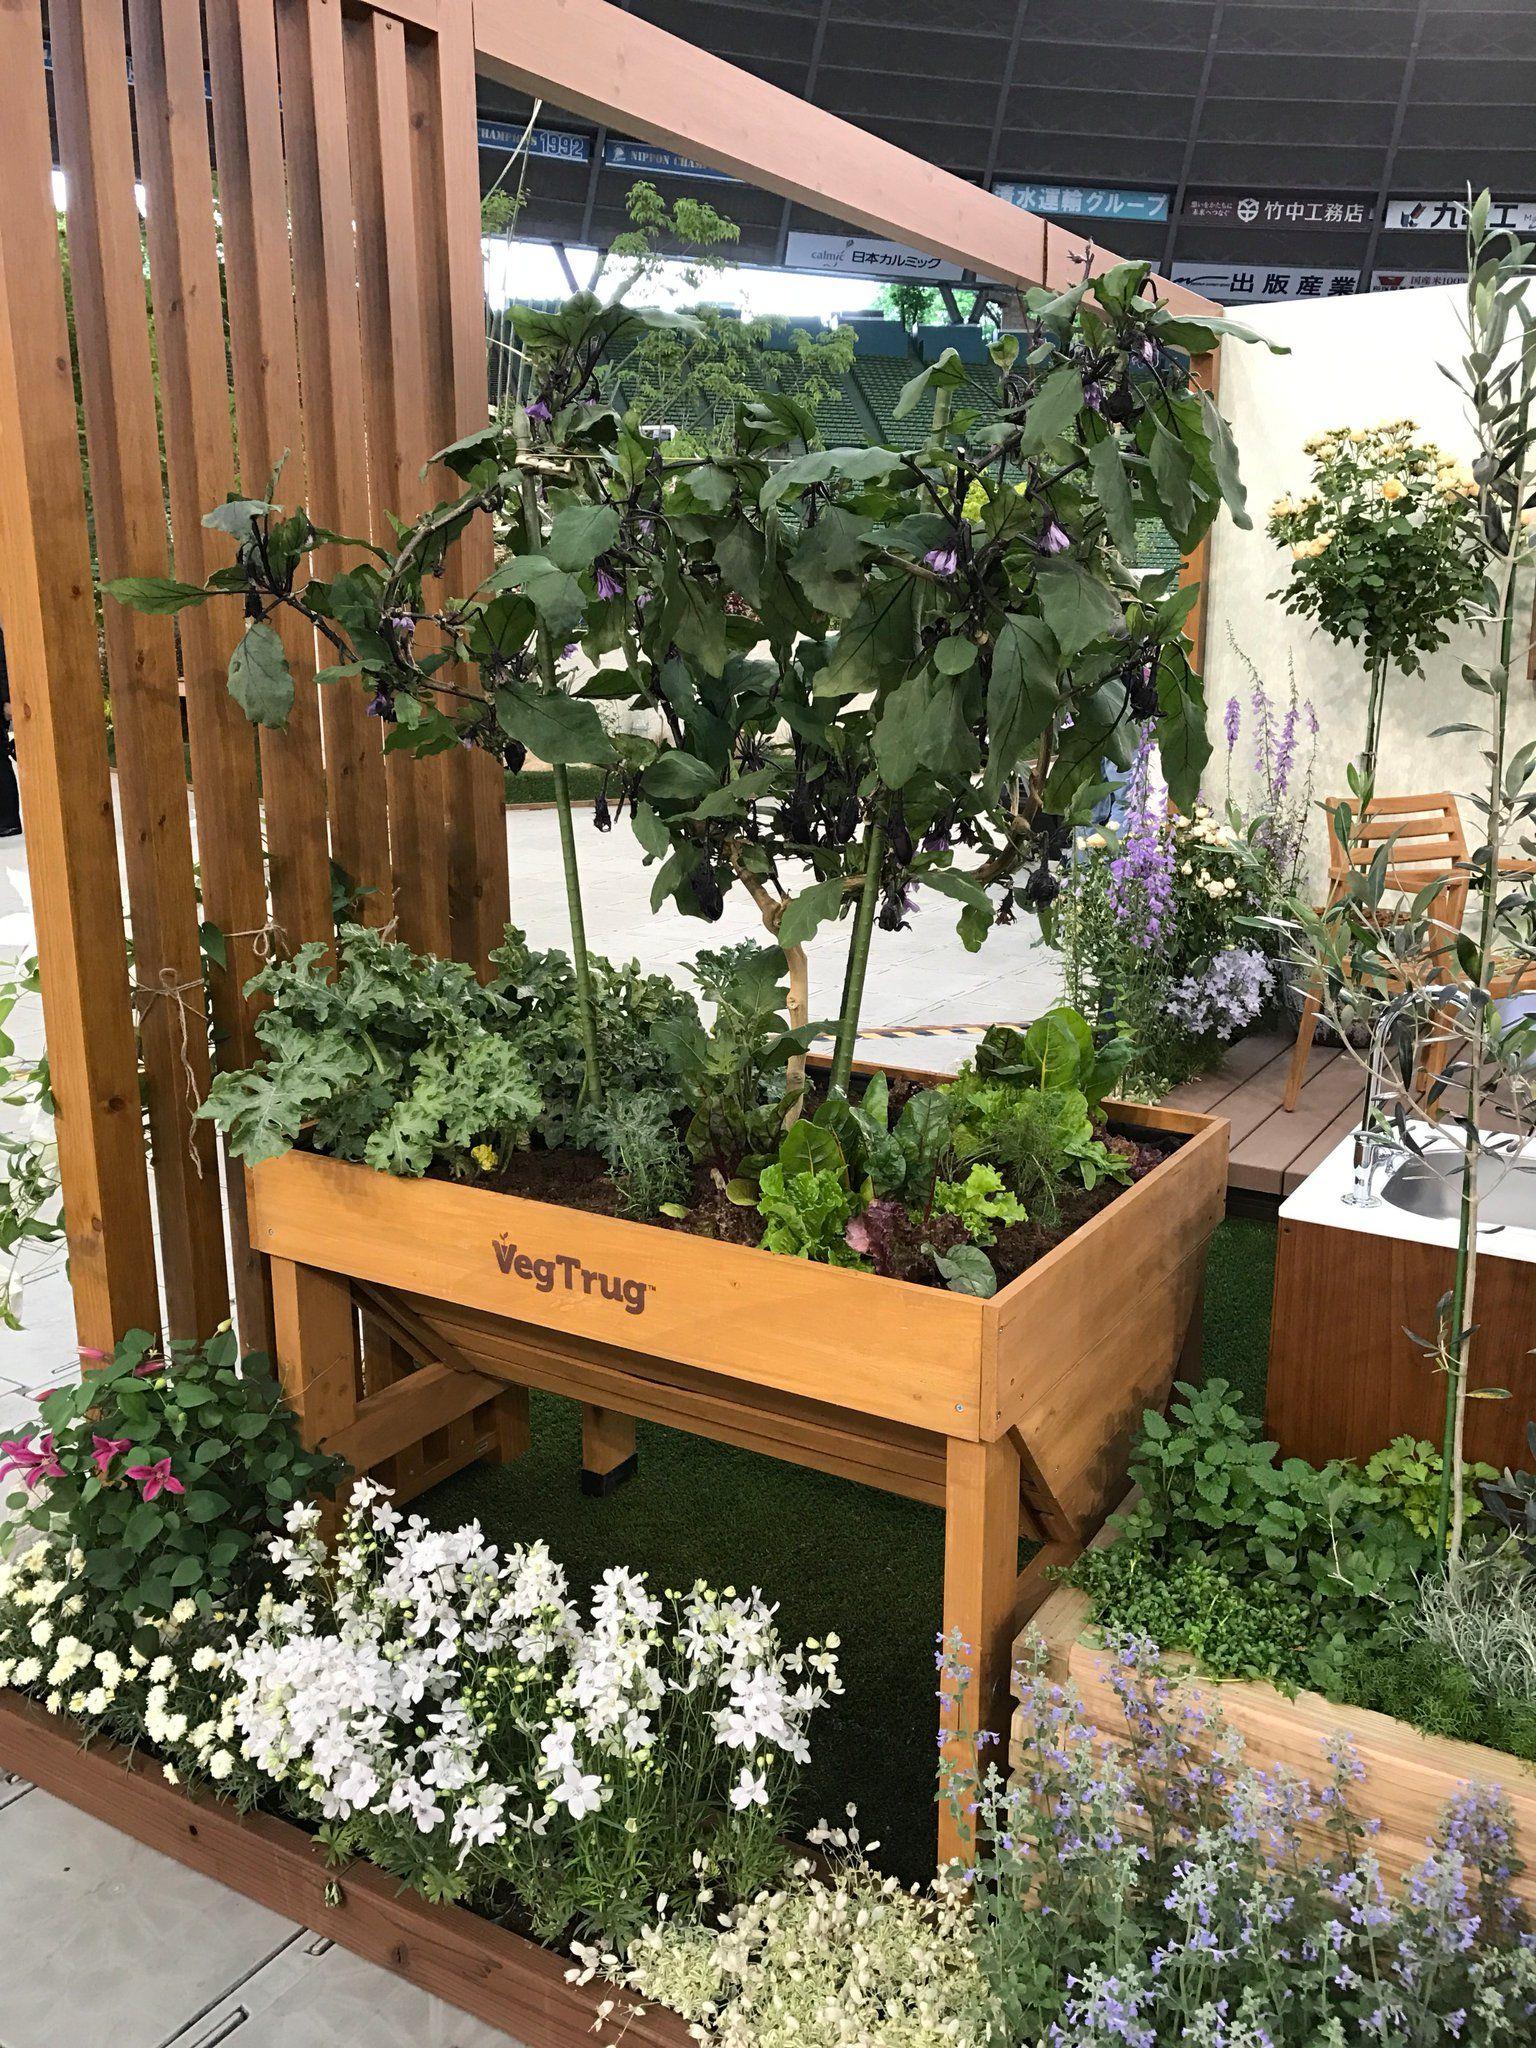 ホームベジトラグ S Aoyama Garden 青山ガーデン Twitter 先日